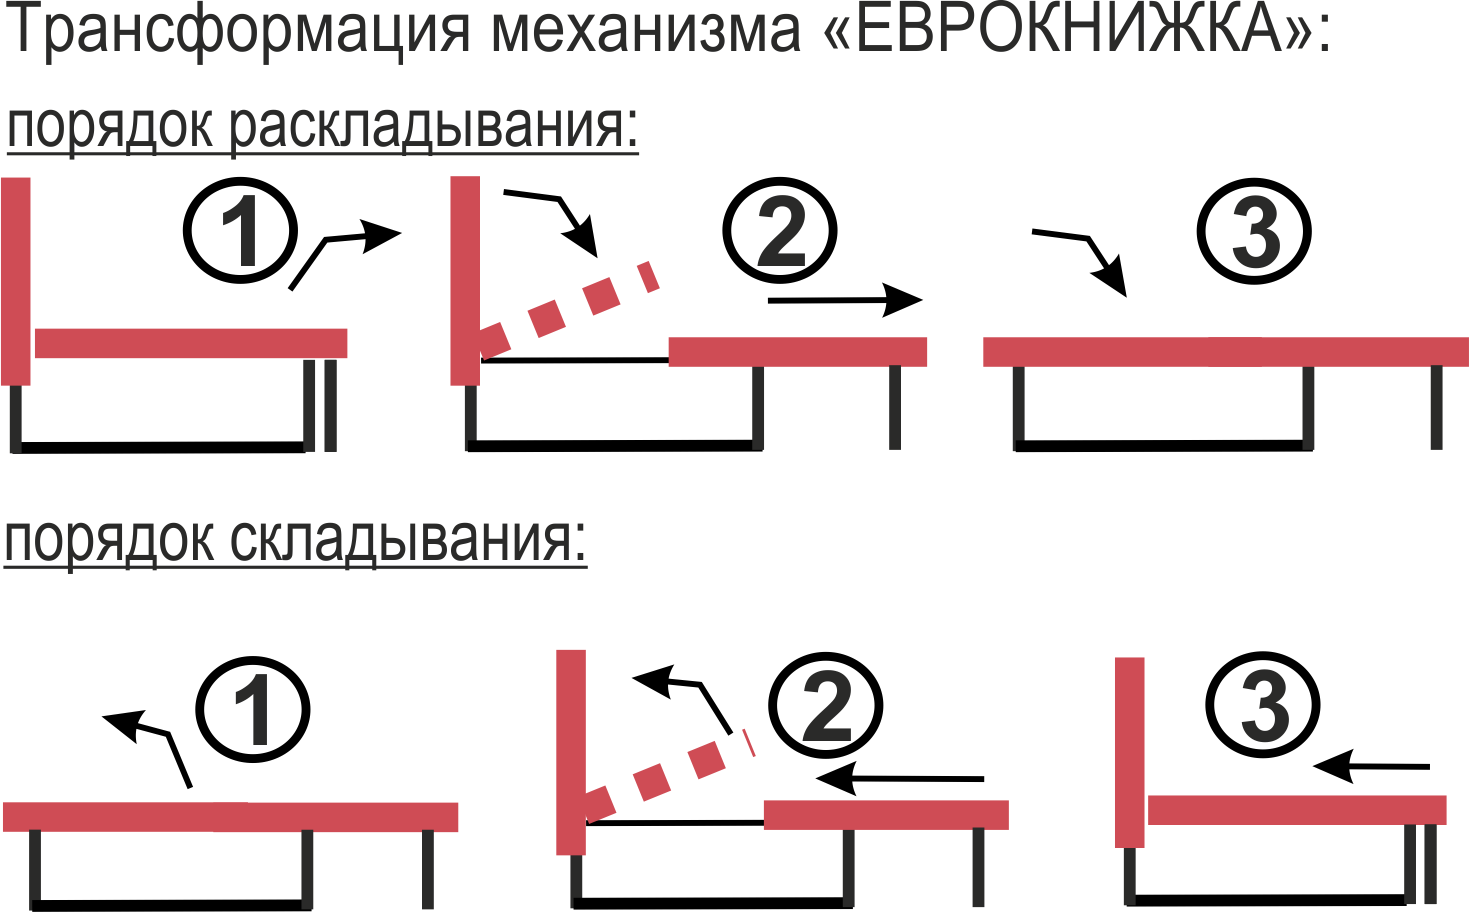 диван еврокнижка своими руками чертежи и схемы размер стандарт